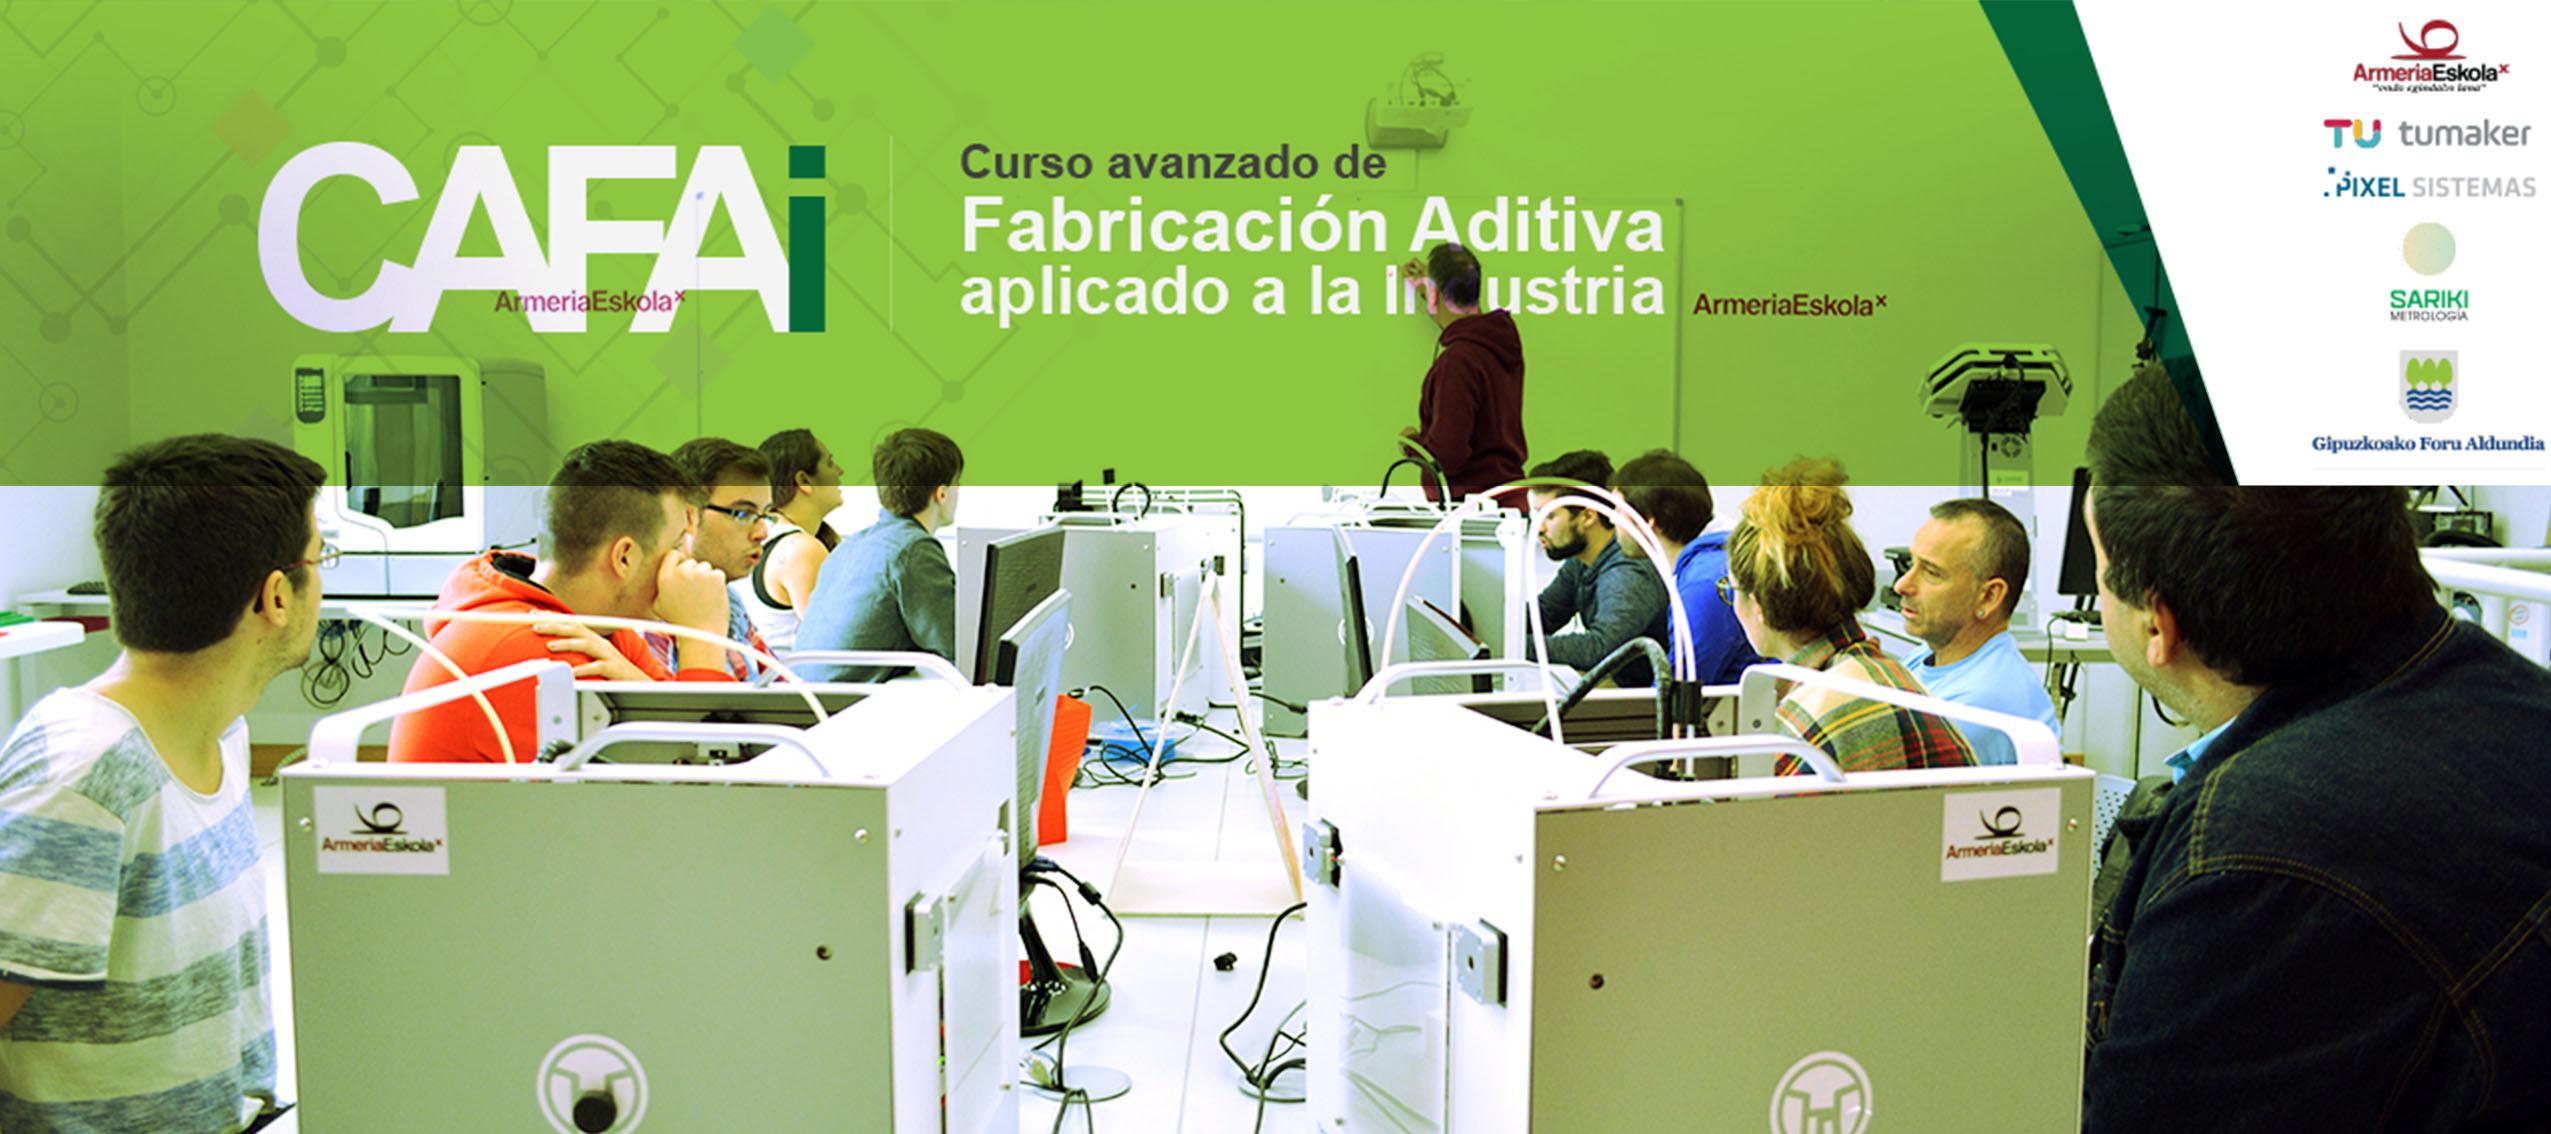 CAFAi, primera formación avanzada en Fabricación Aditiva aplicada a la Industria en el País Vasco